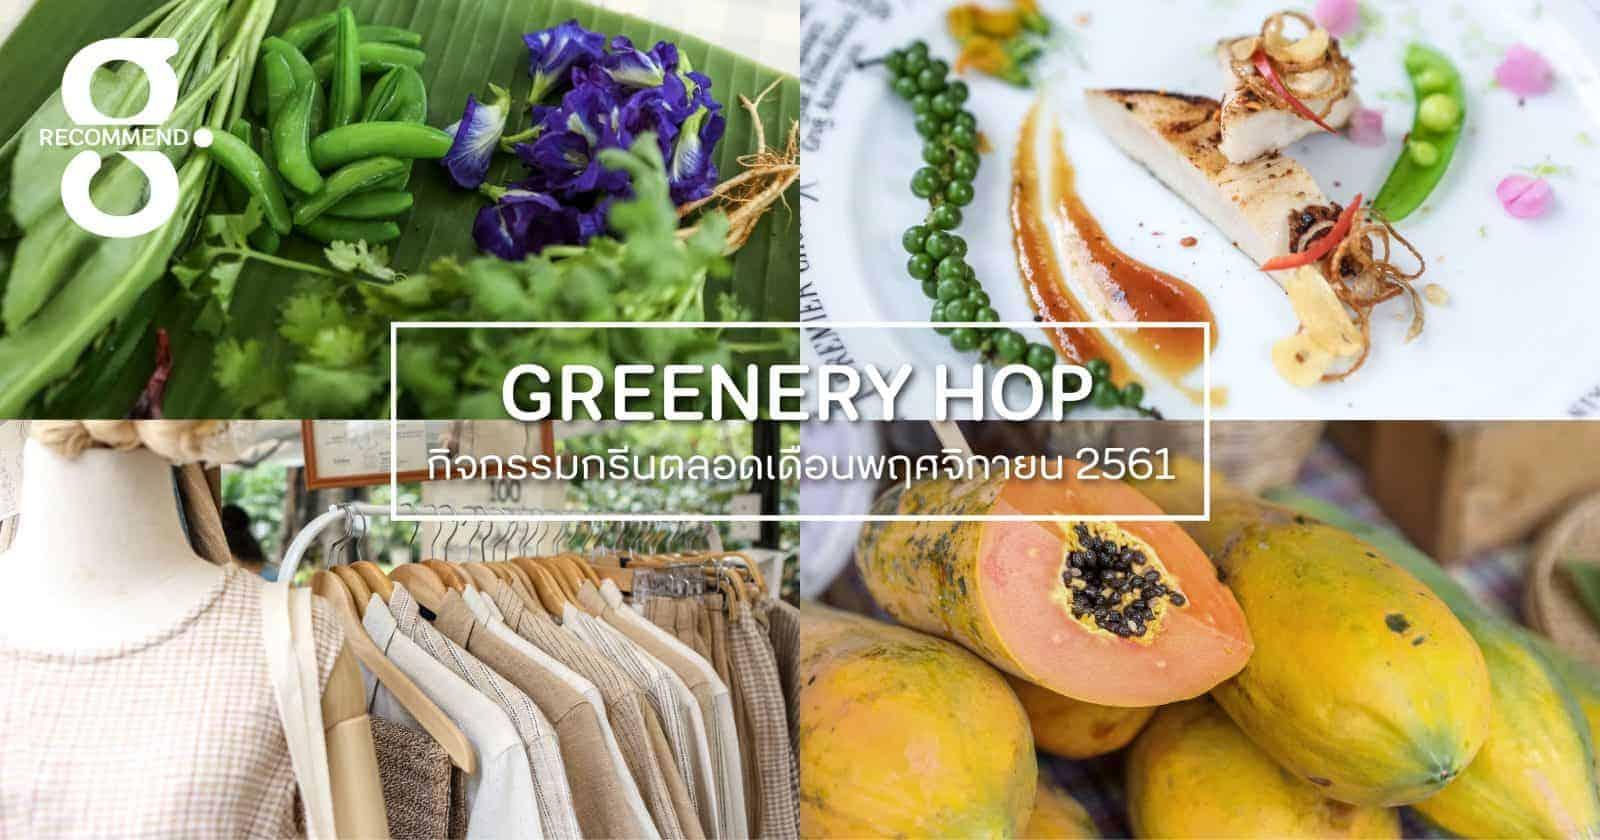 Greenery HOP: ลมหนาวมาเมื่อไหร่ก็ไม่กลัว เพราะเรามีกิจกรรมกรีนๆ ที่จะช่วยปรับอุณหภูมิหัวใจให้อบอุ่น